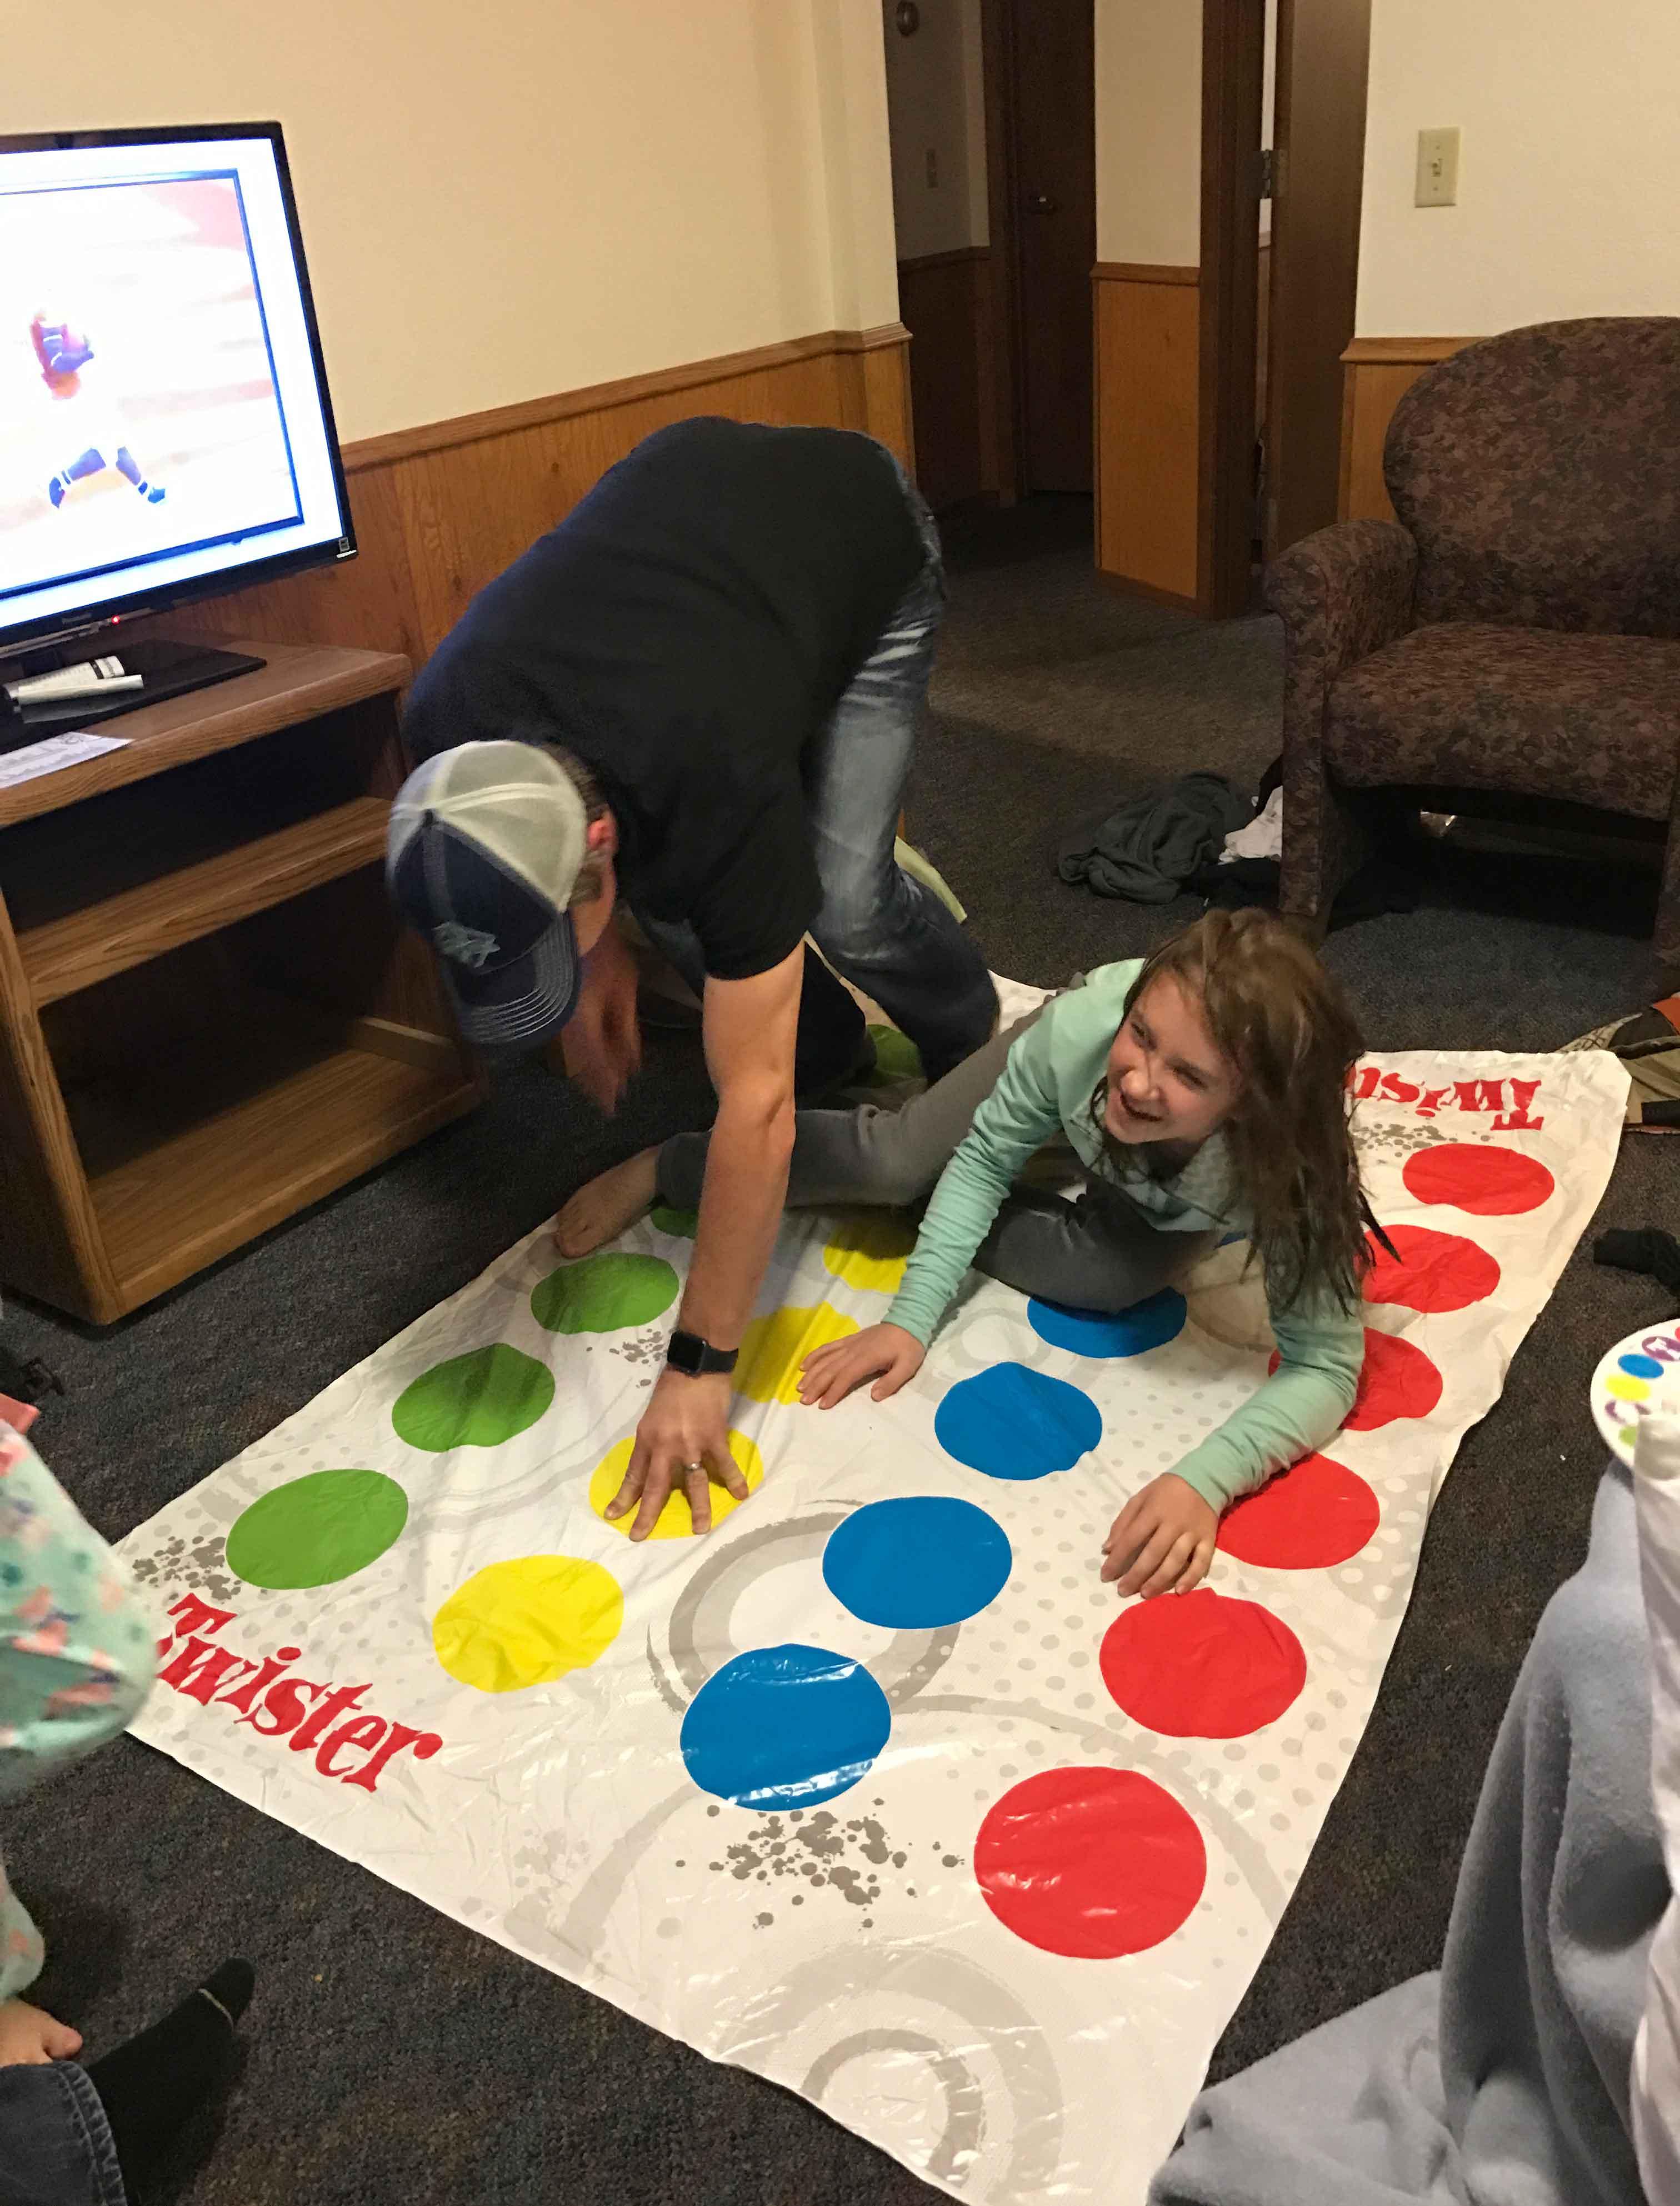 Making Memories at Cragun's Playing Twister